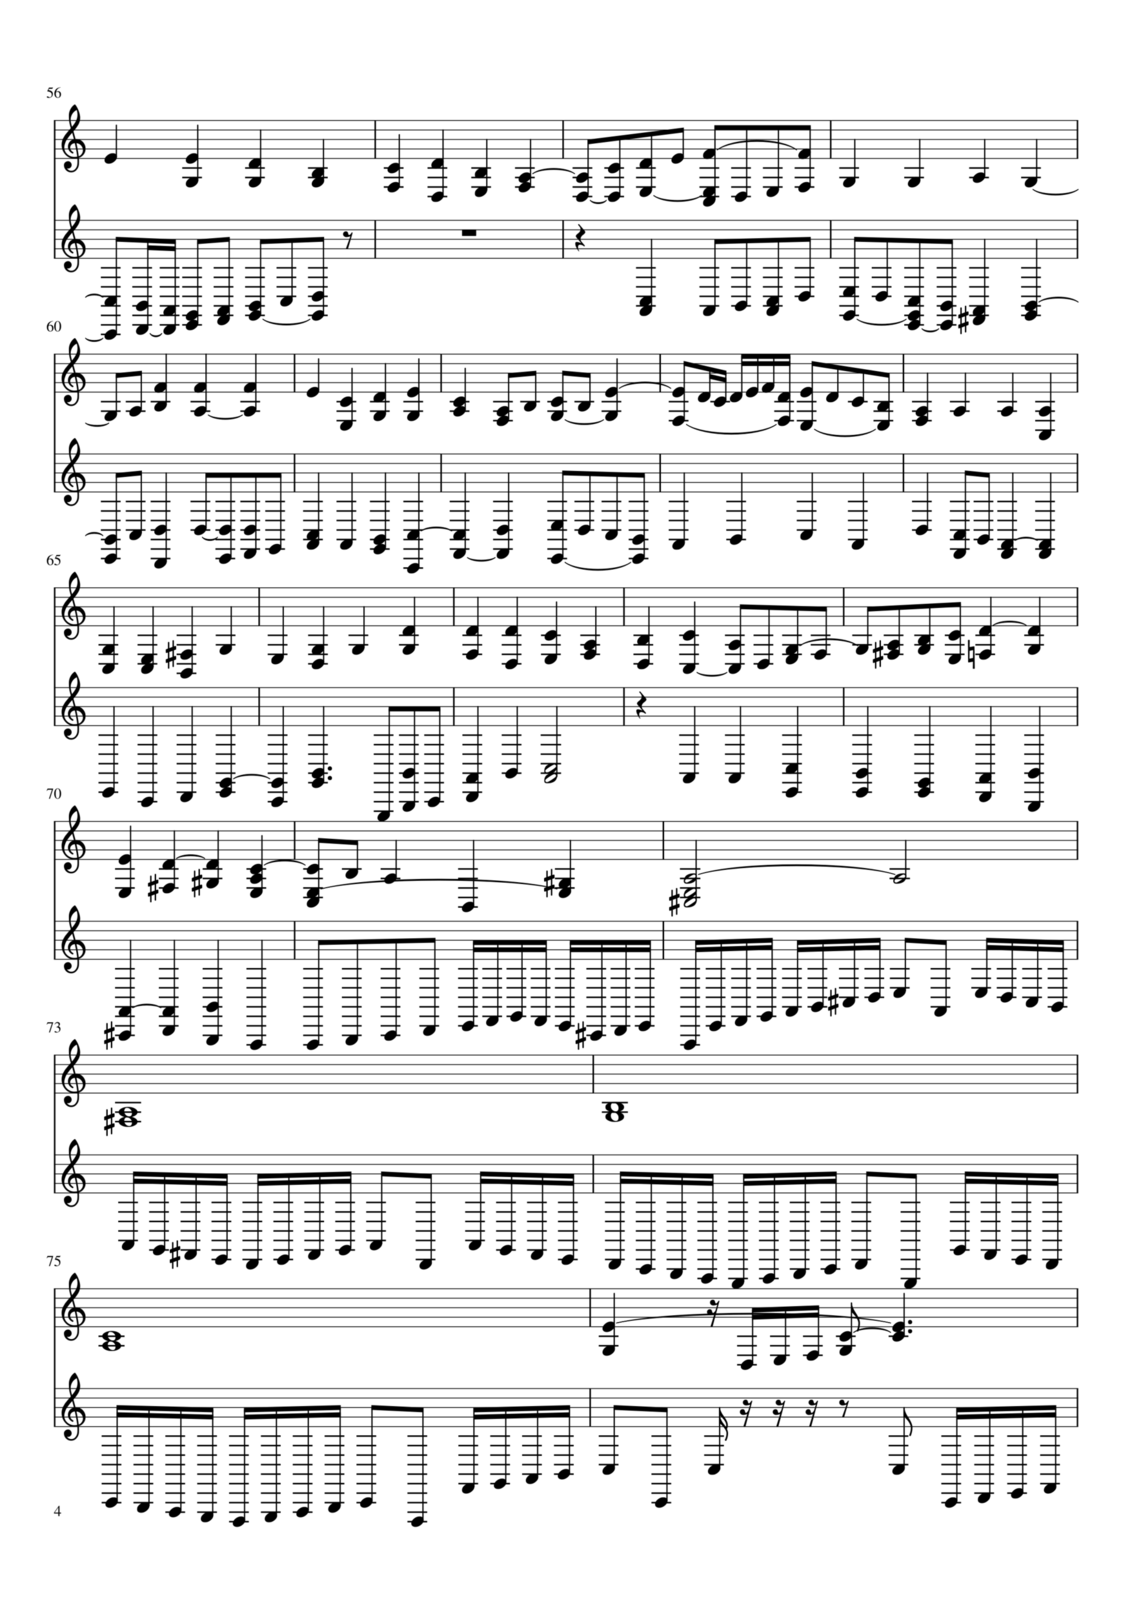 Toccata A-moll slide, Image 4